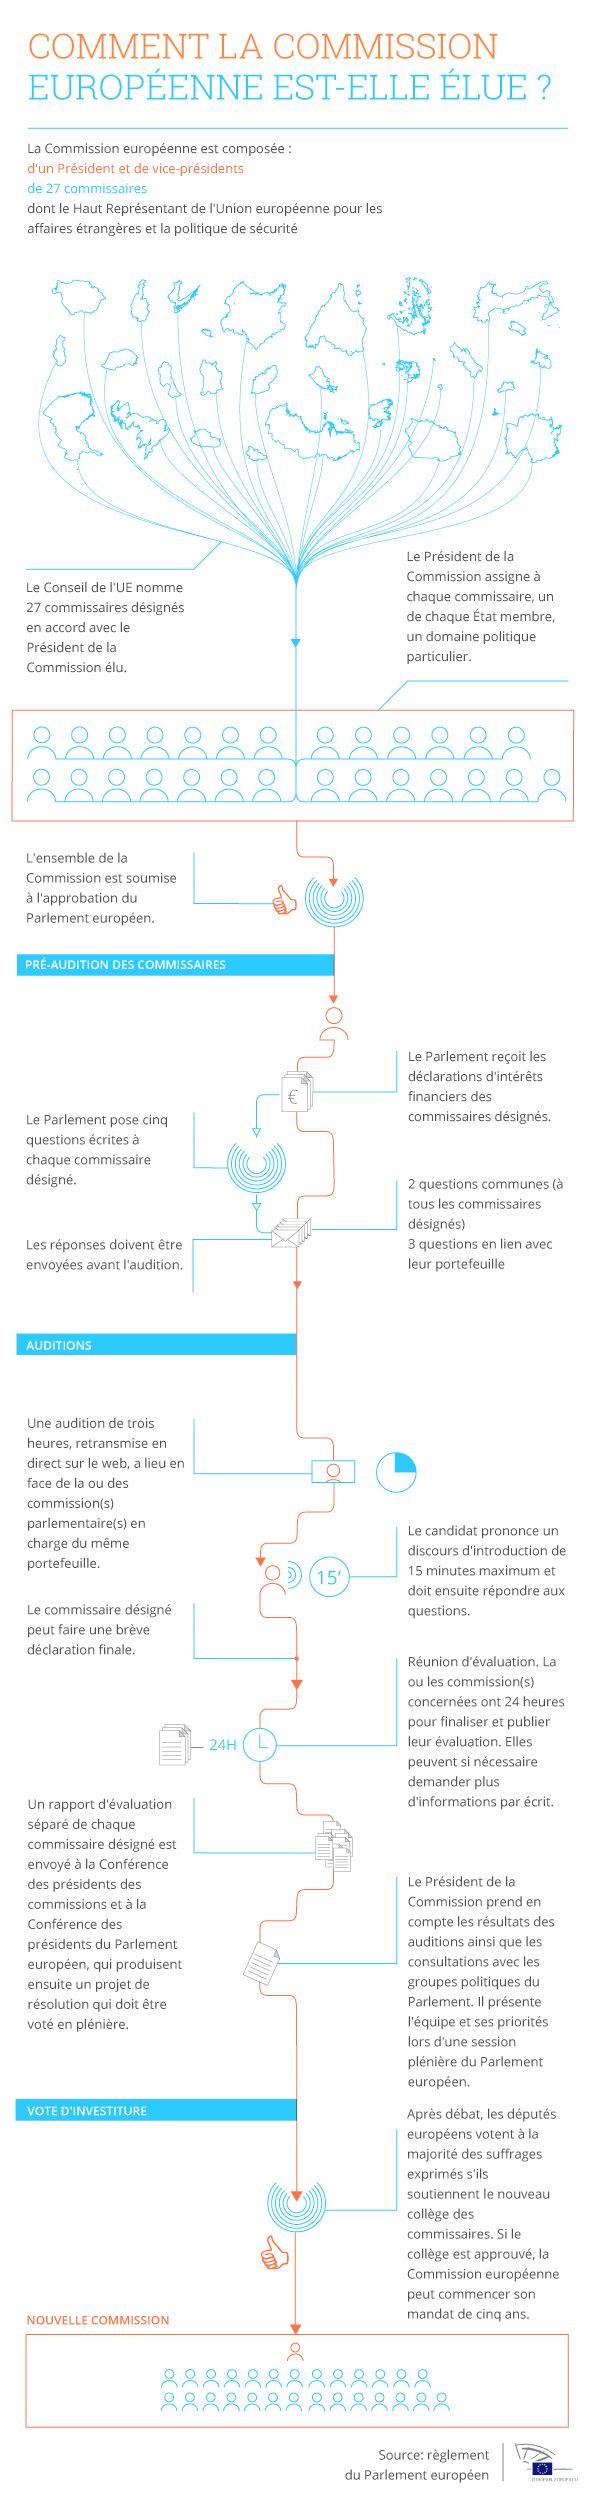 Infographie : comment la Commission européenne est-elle élue ?